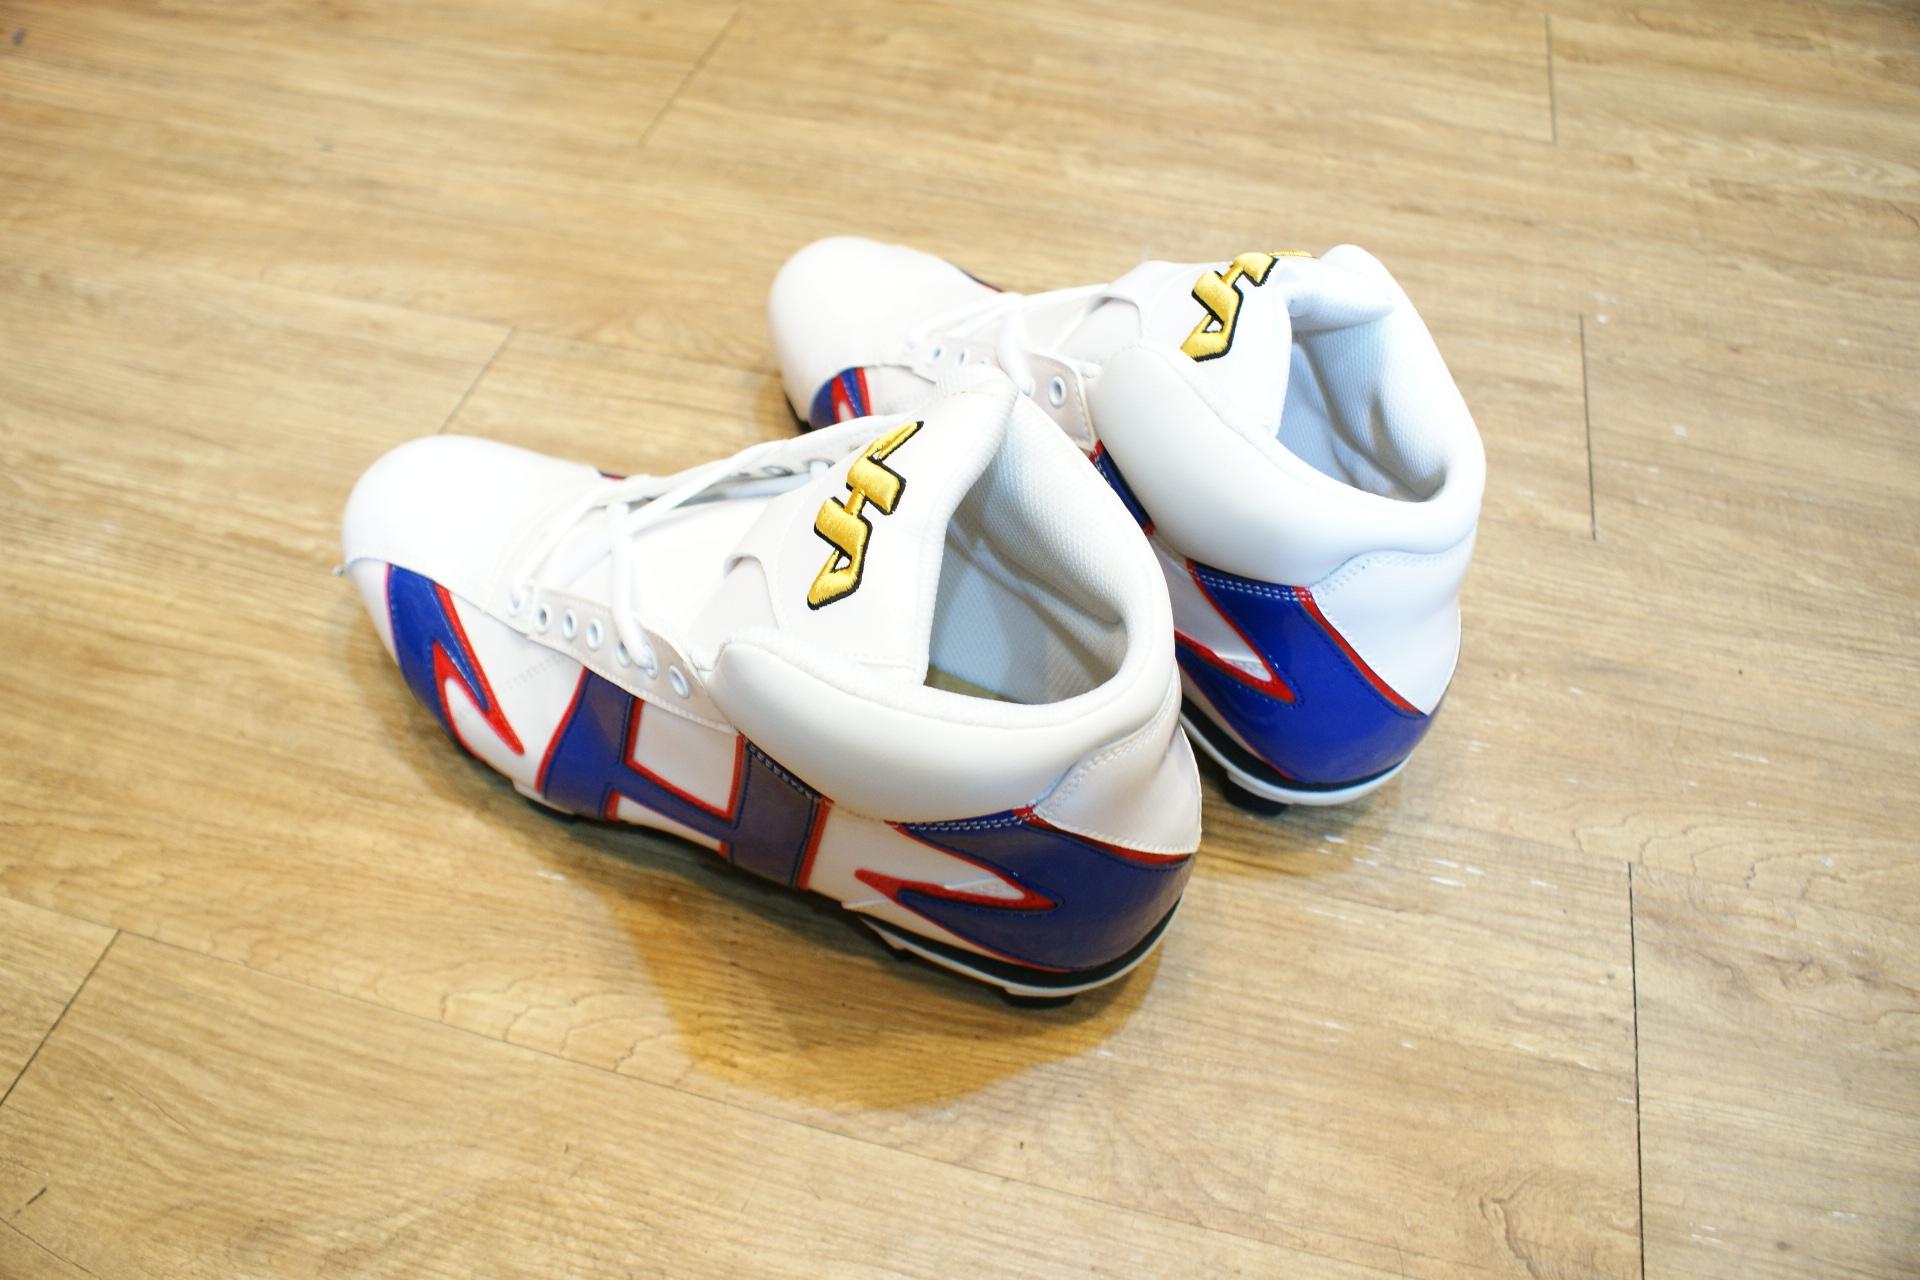 棒球世界 HA 新款亮面高筒膠釘棒壘球鞋 白寶藍配色 台灣製最低價